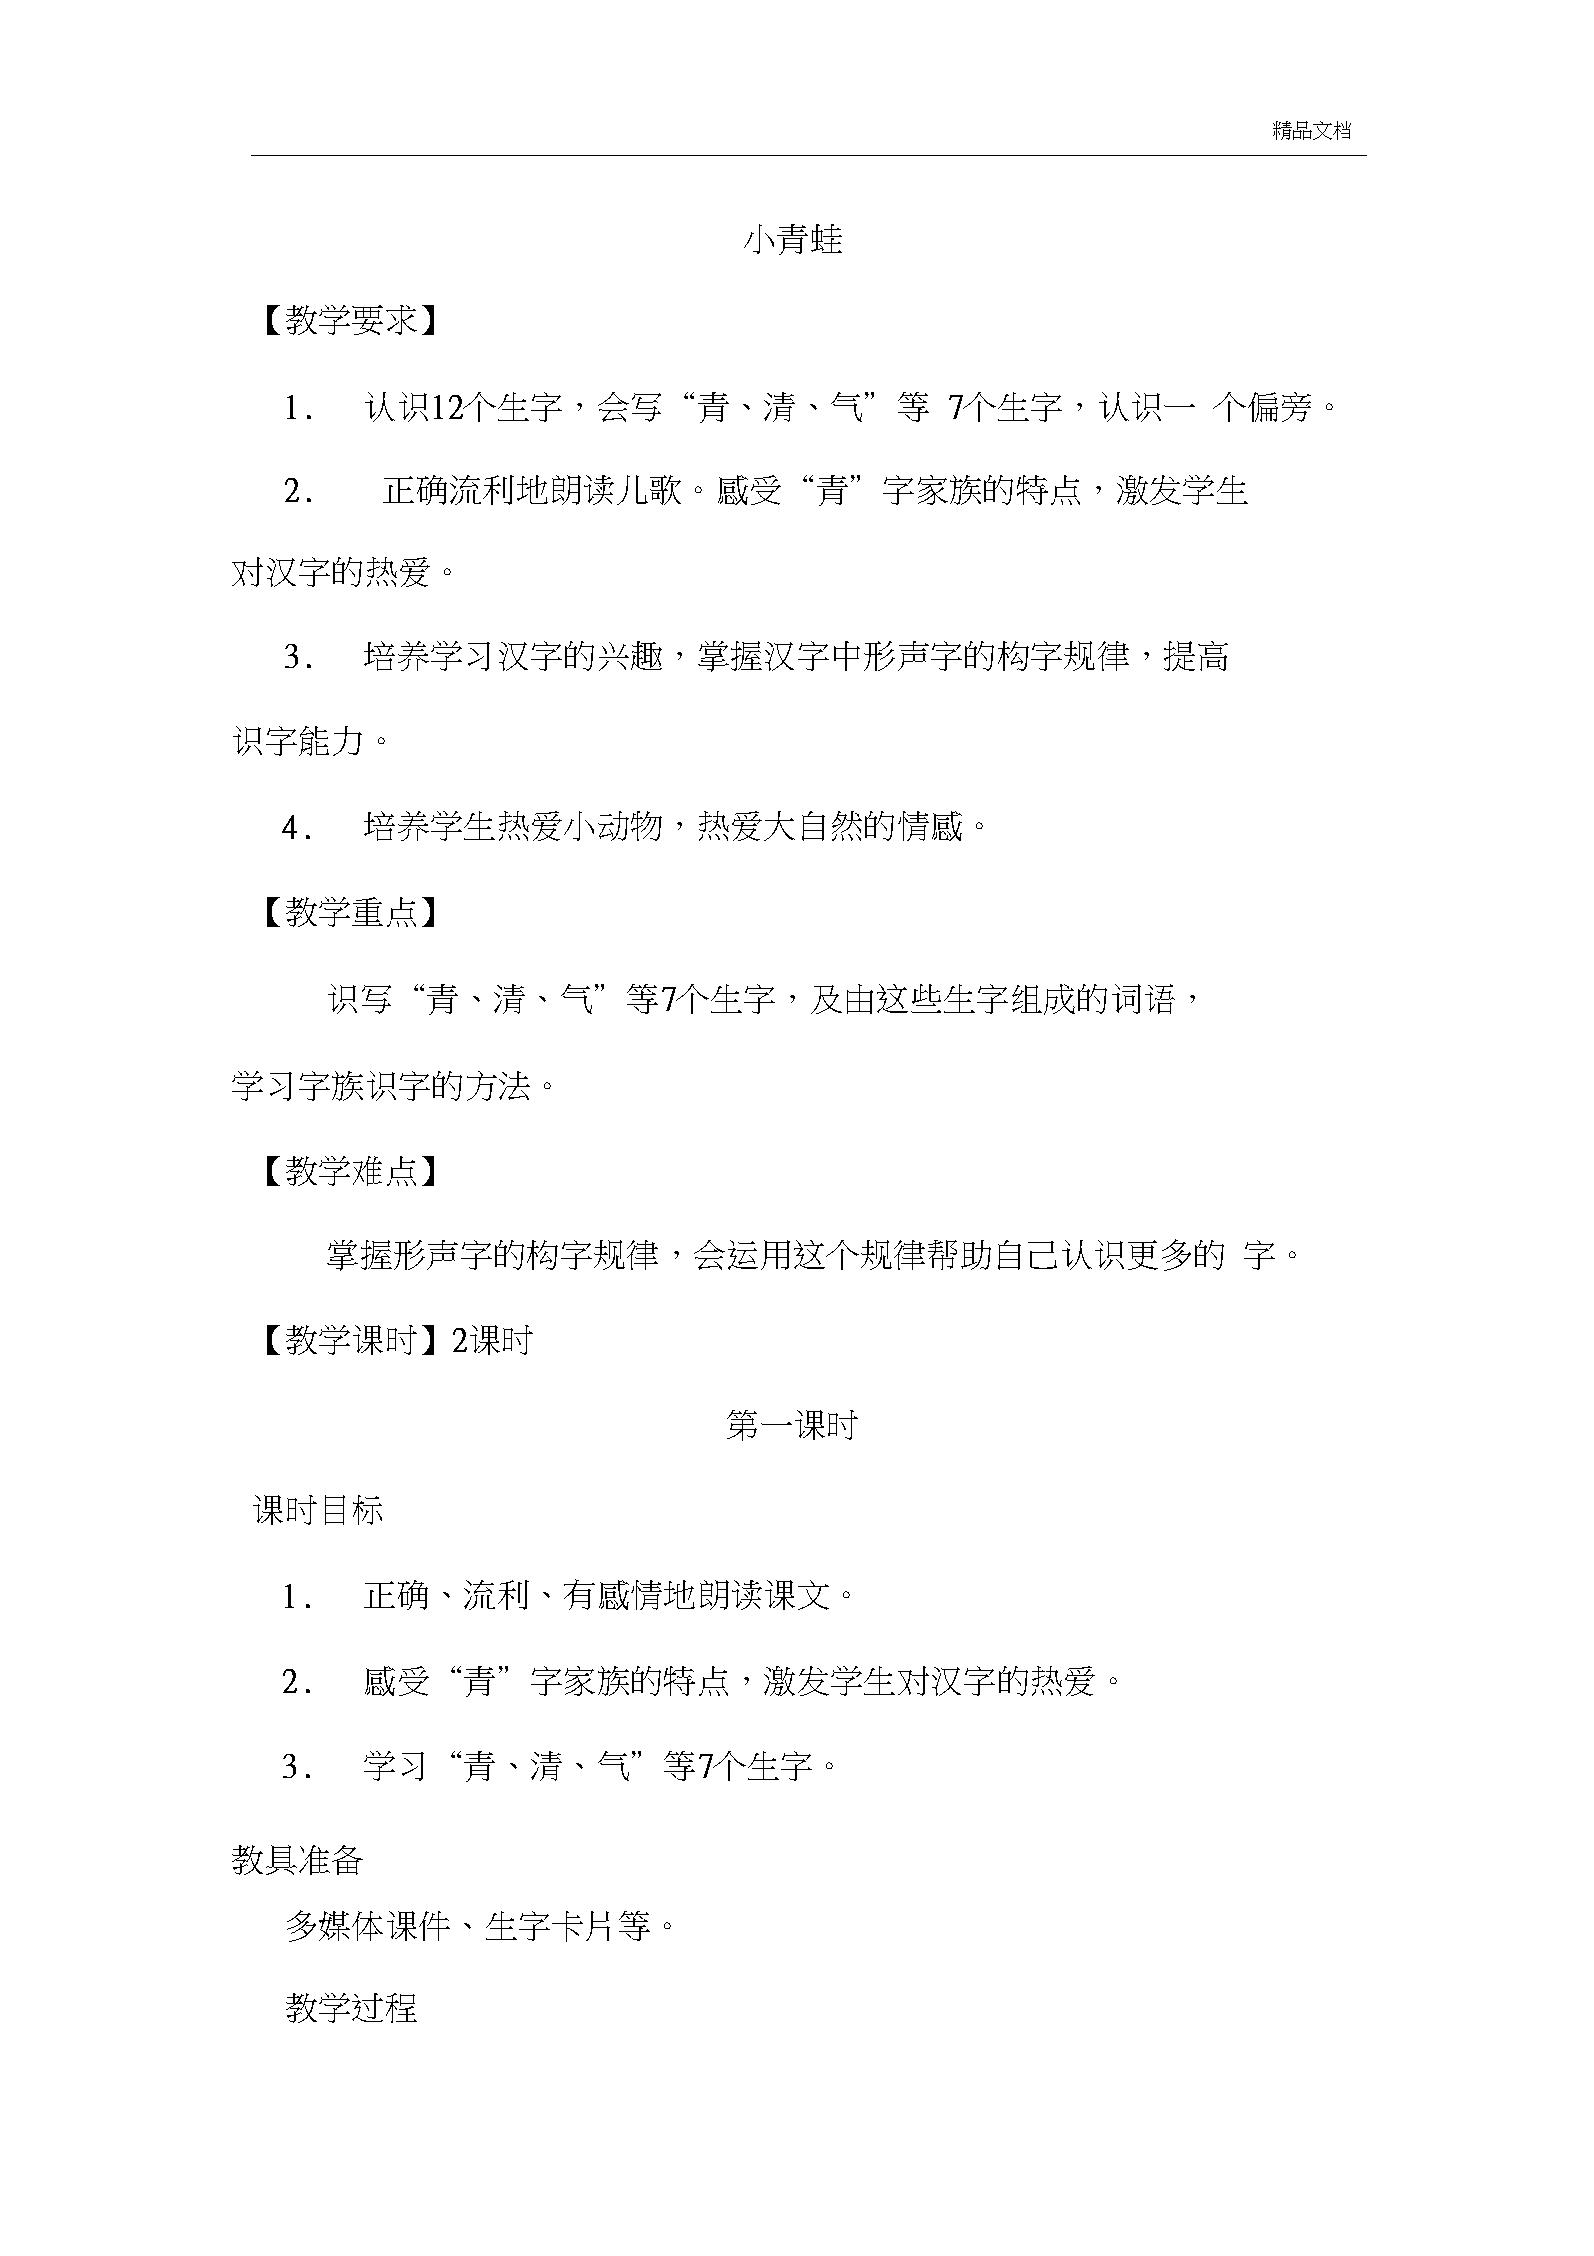 部编版(2016)小学语文一年级下册识字(一)3小青蛙教案(6).docx